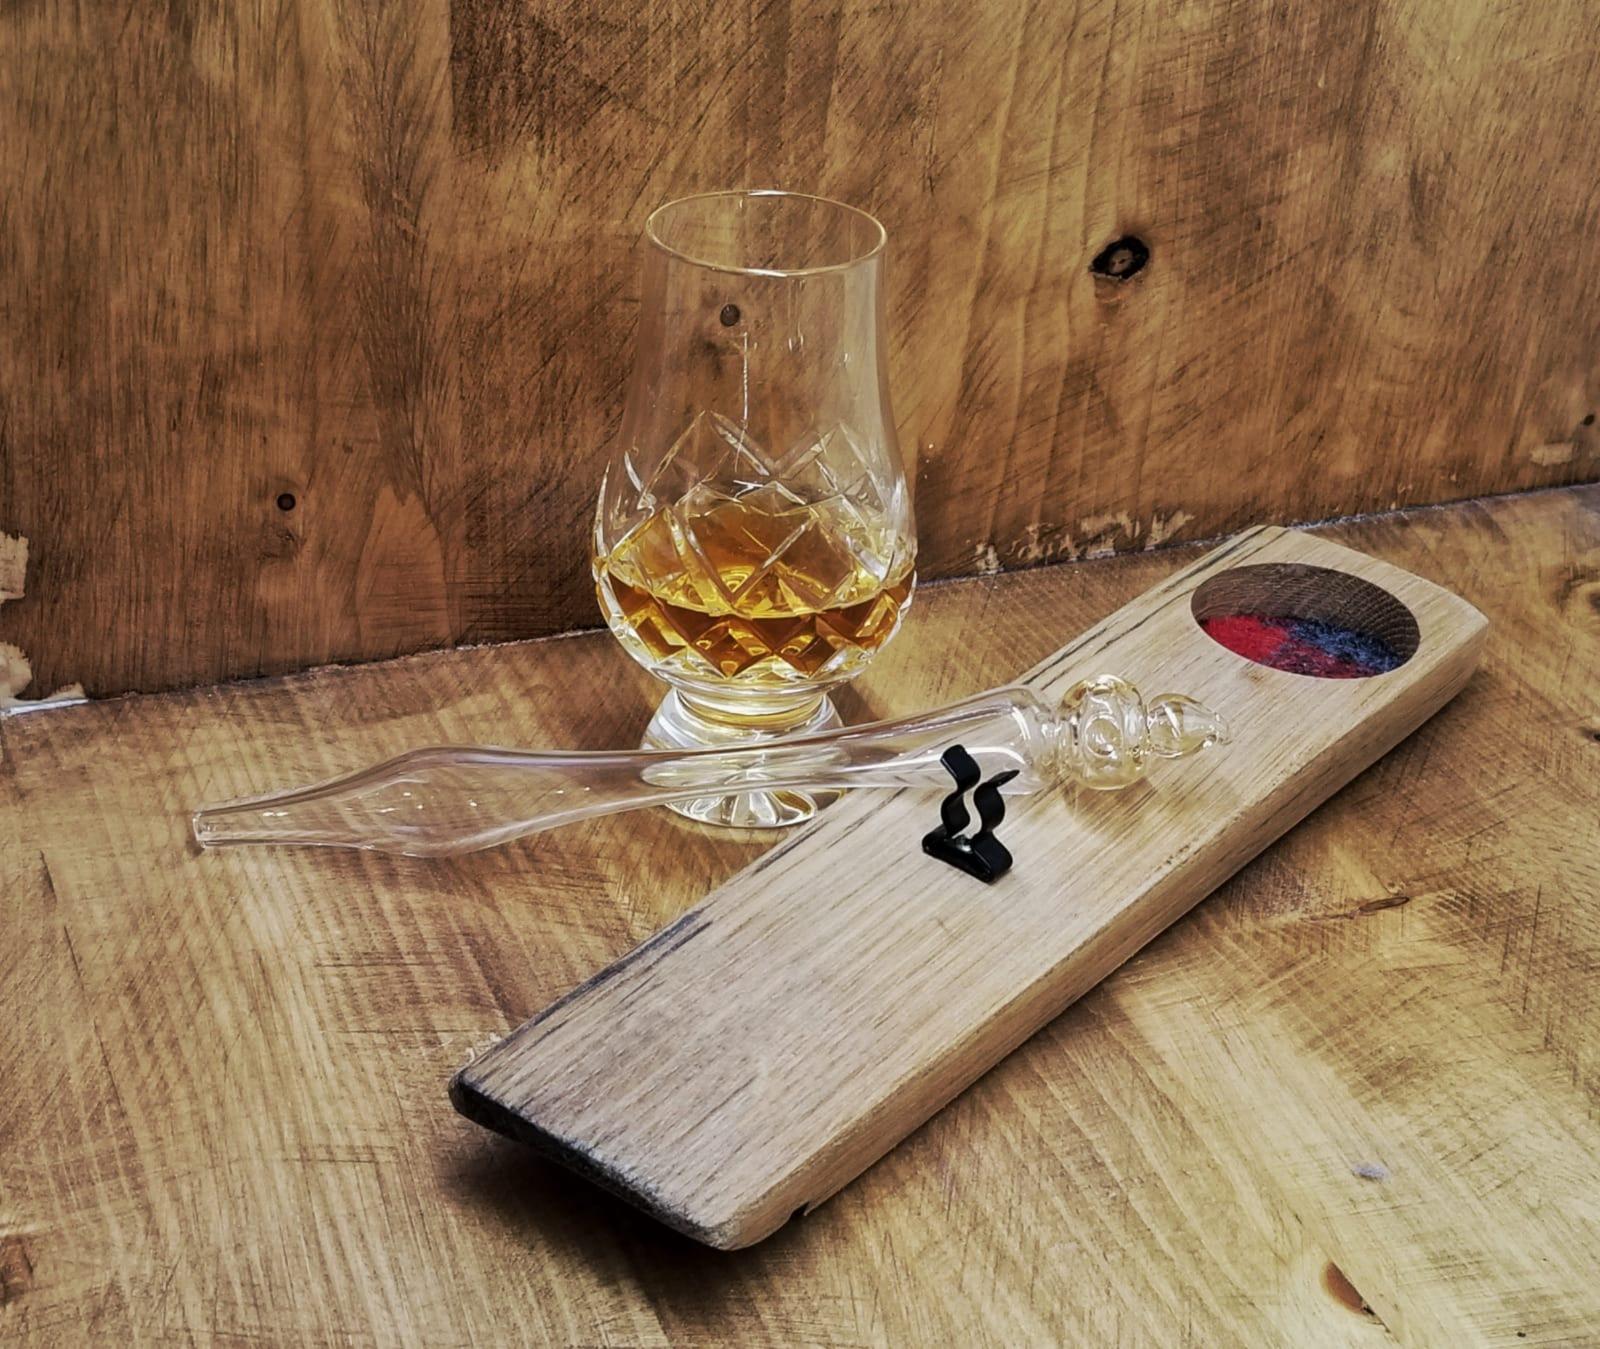 「沒有不好喝的威士忌,只有好喝的和更好喝的。」 酒香醉人︰探索「生命之水」威士忌之味 - ART FOOD - K11